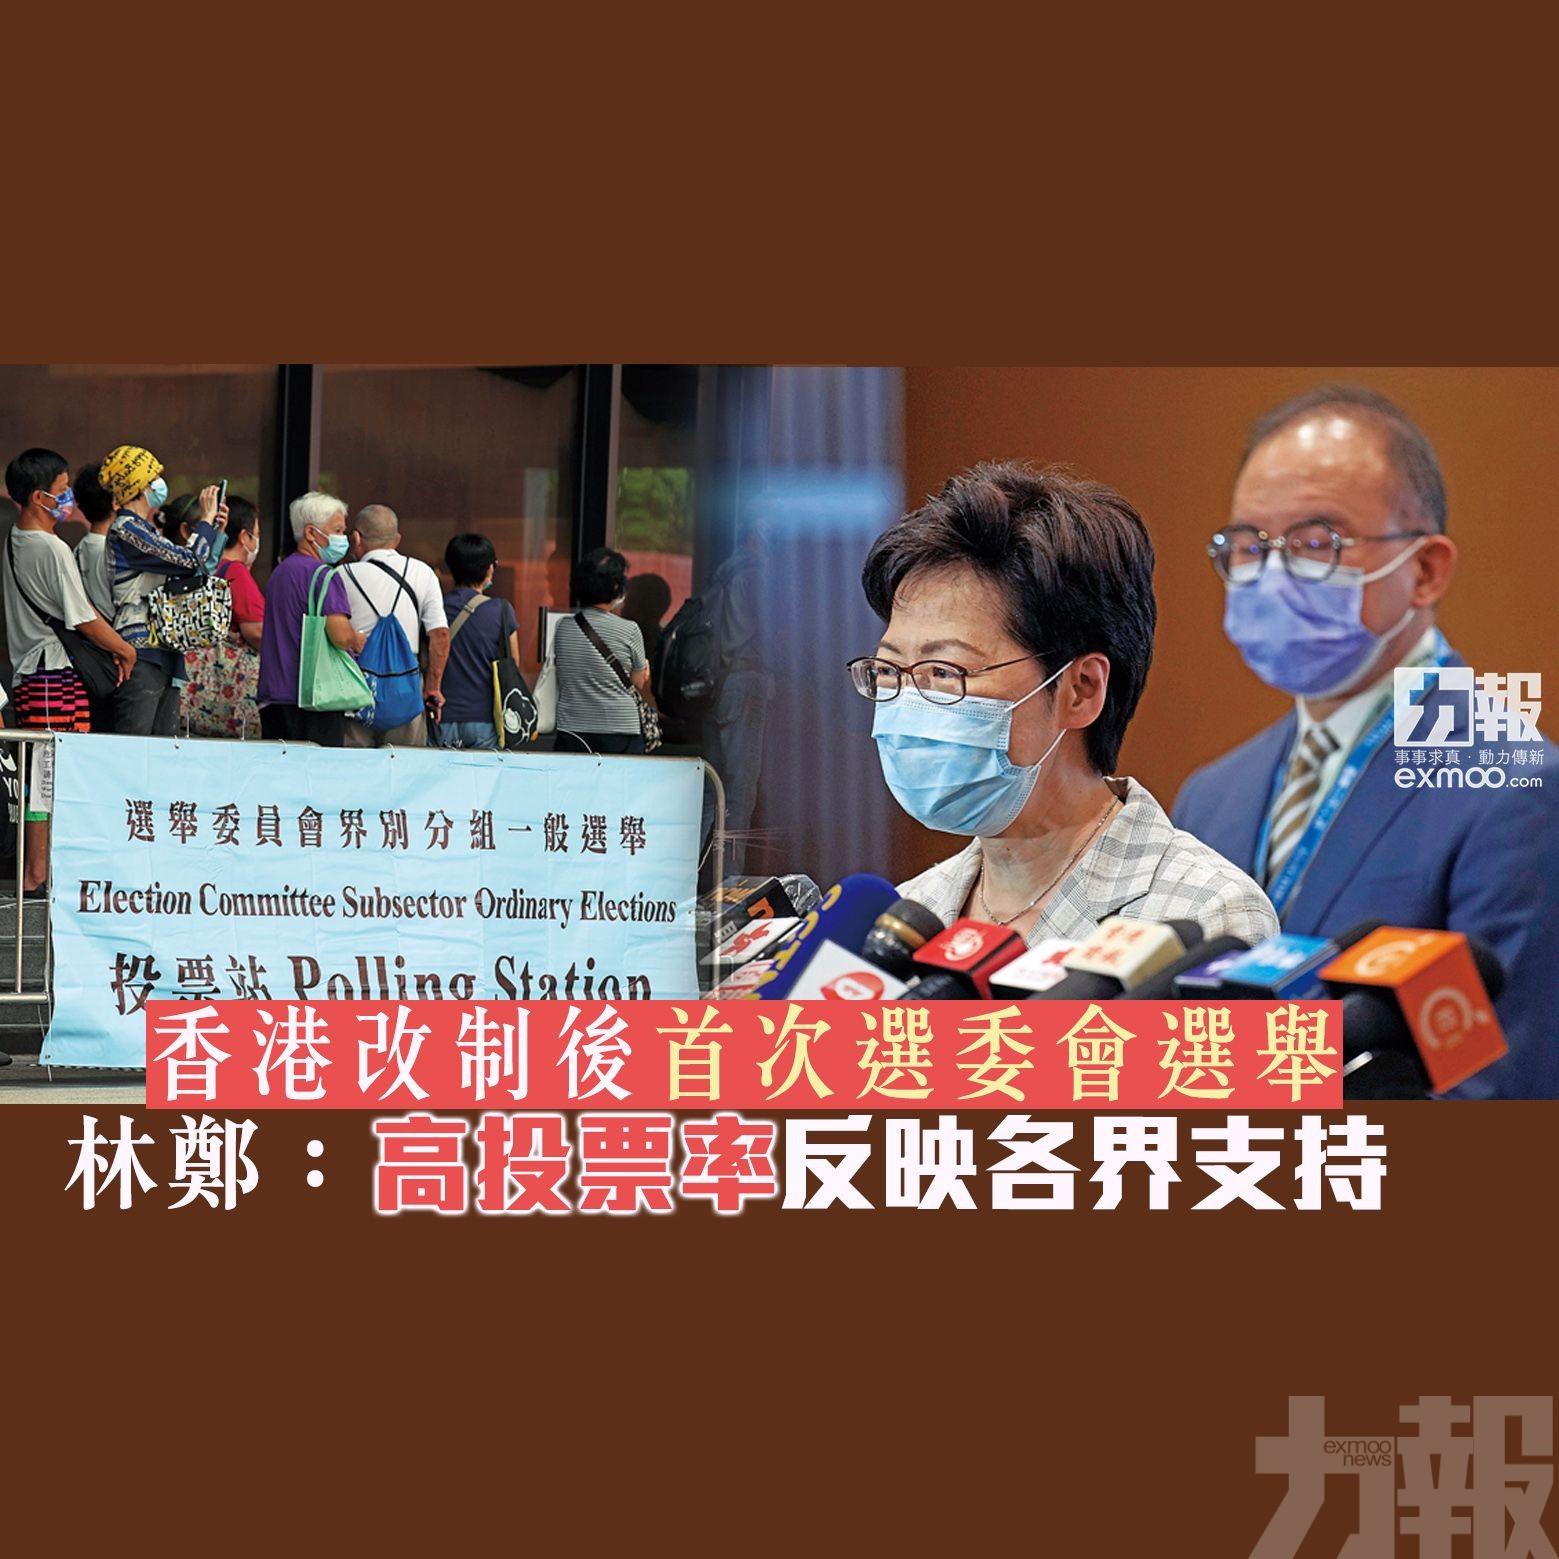 林鄭:高投票率反映各界支持